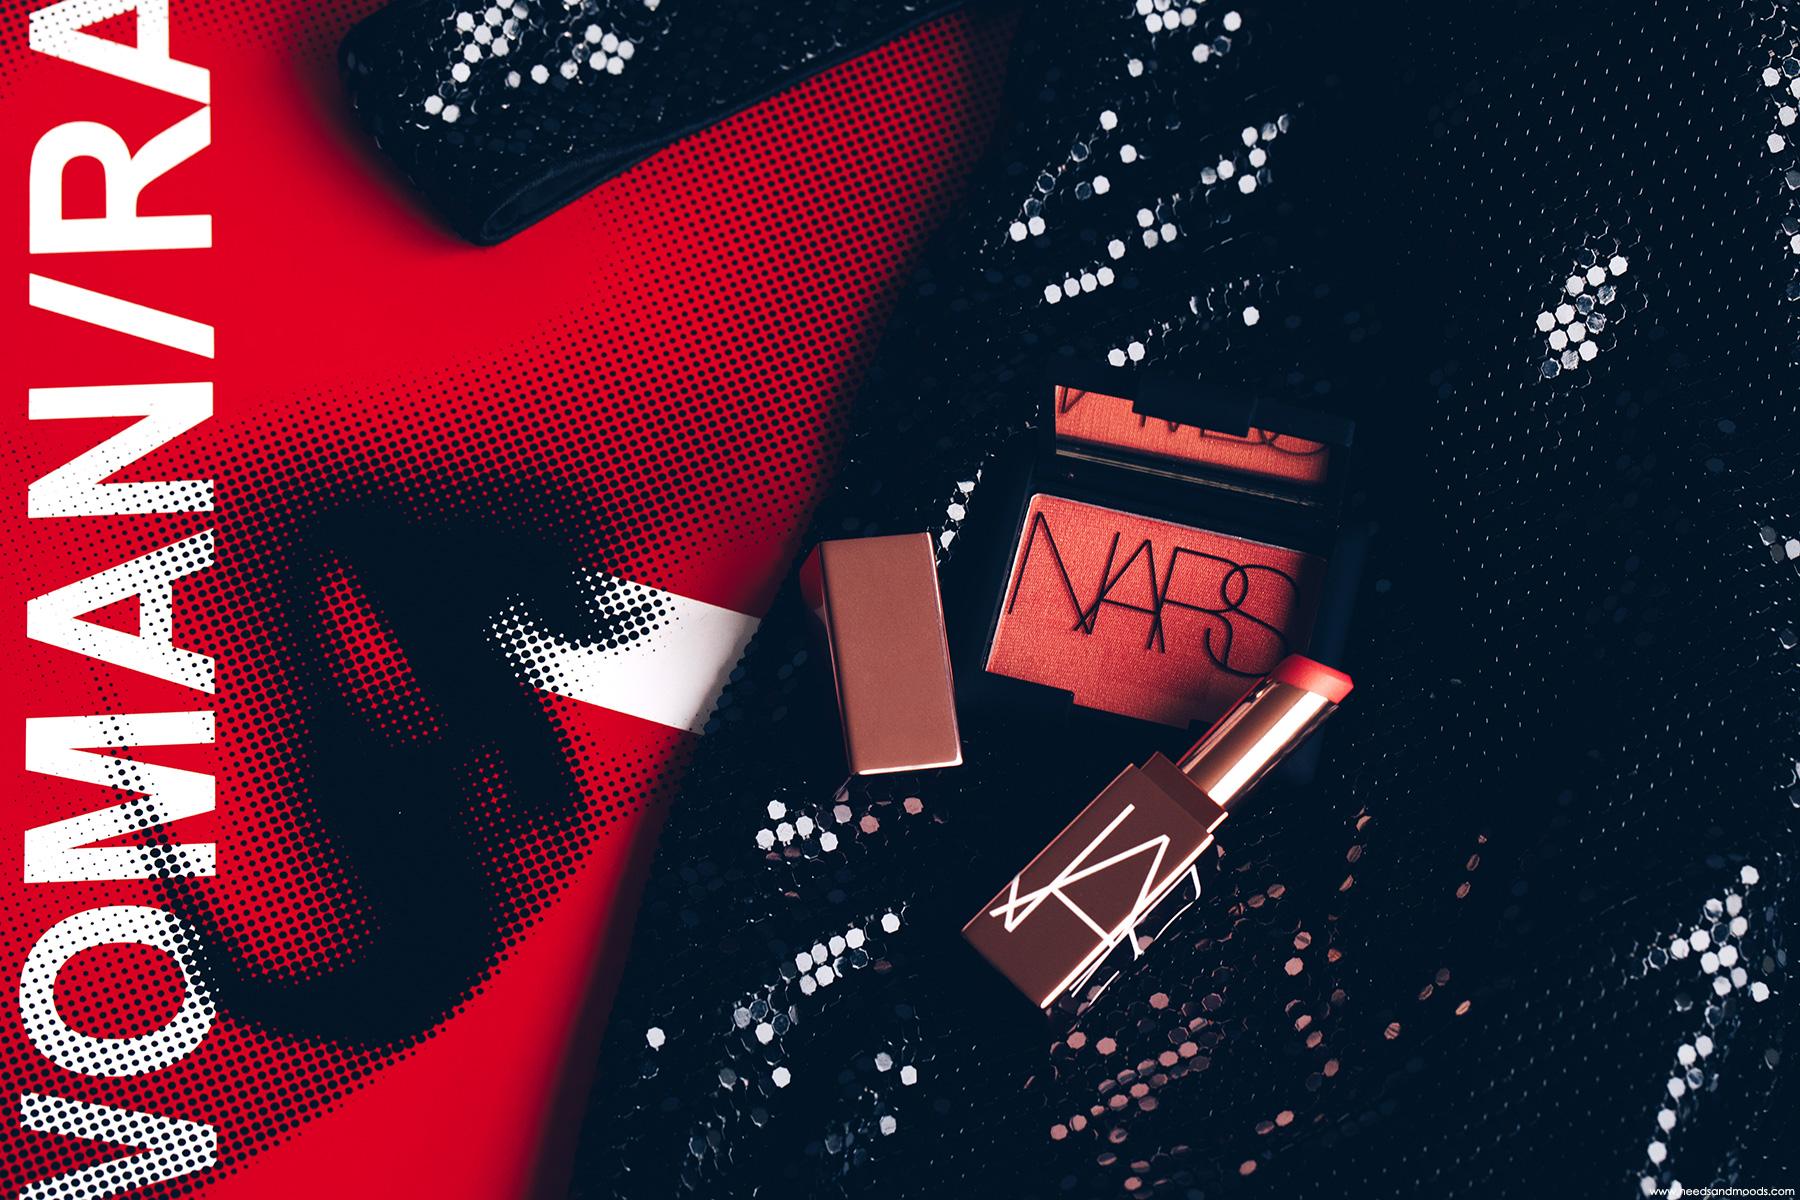 nars softcore afterglow lip balm blush orgasm